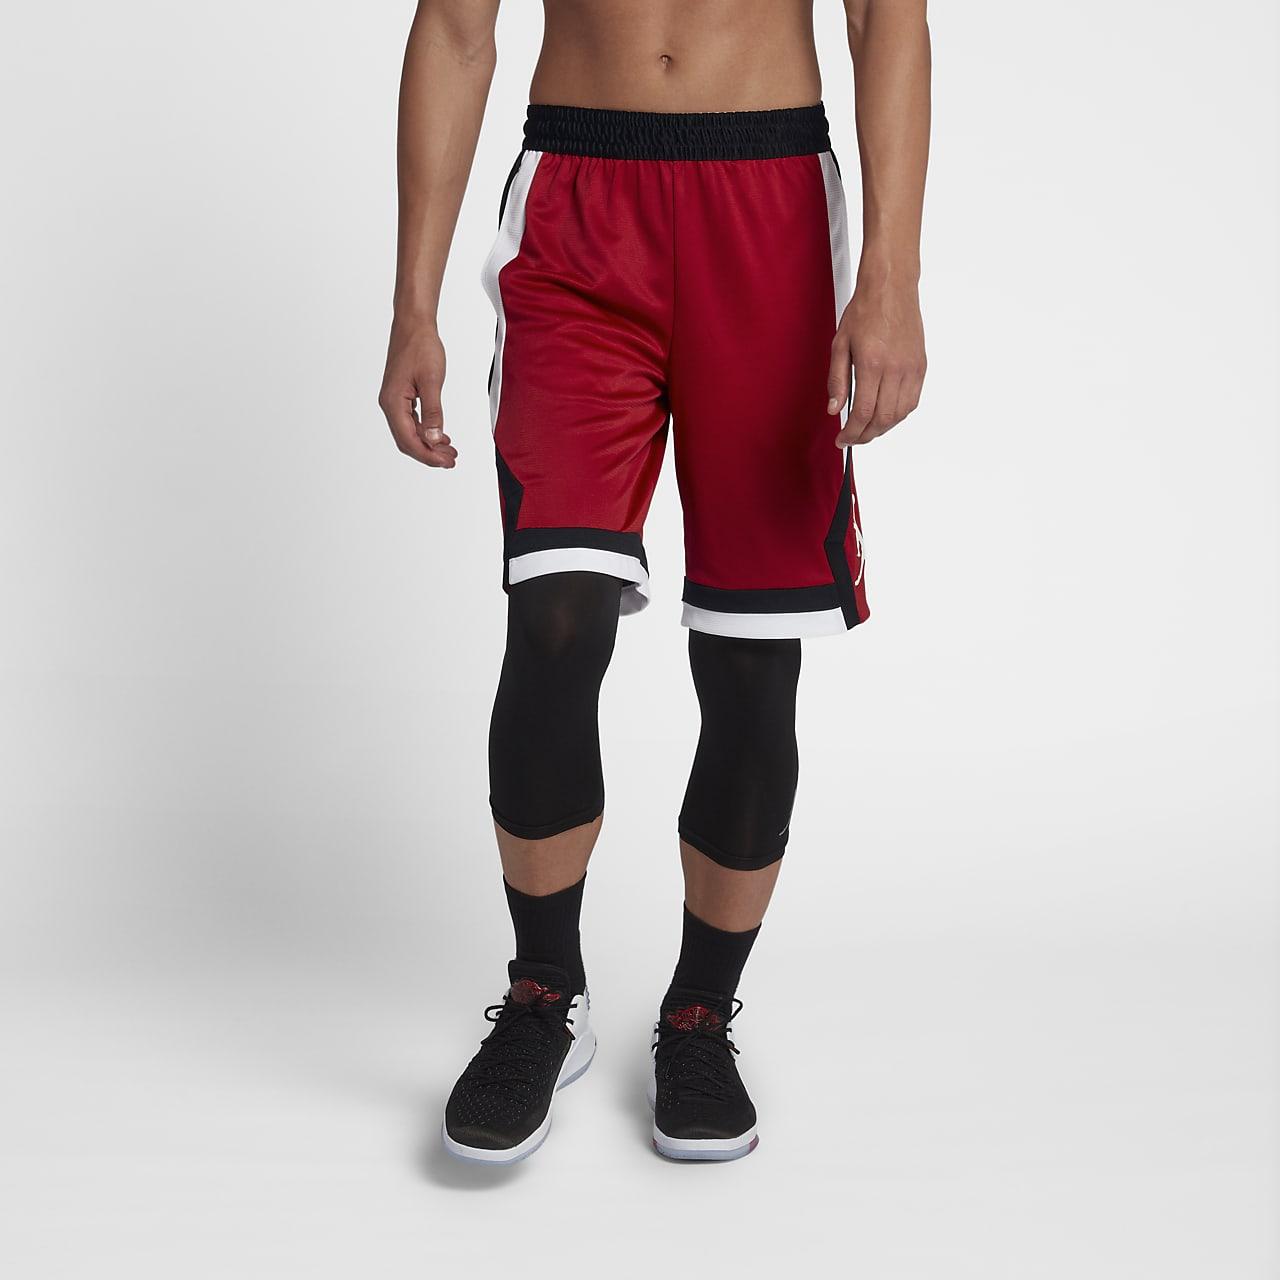 กางเกงบาสเก็ตบอลขาสั้นผู้ชาย Jordan Rise